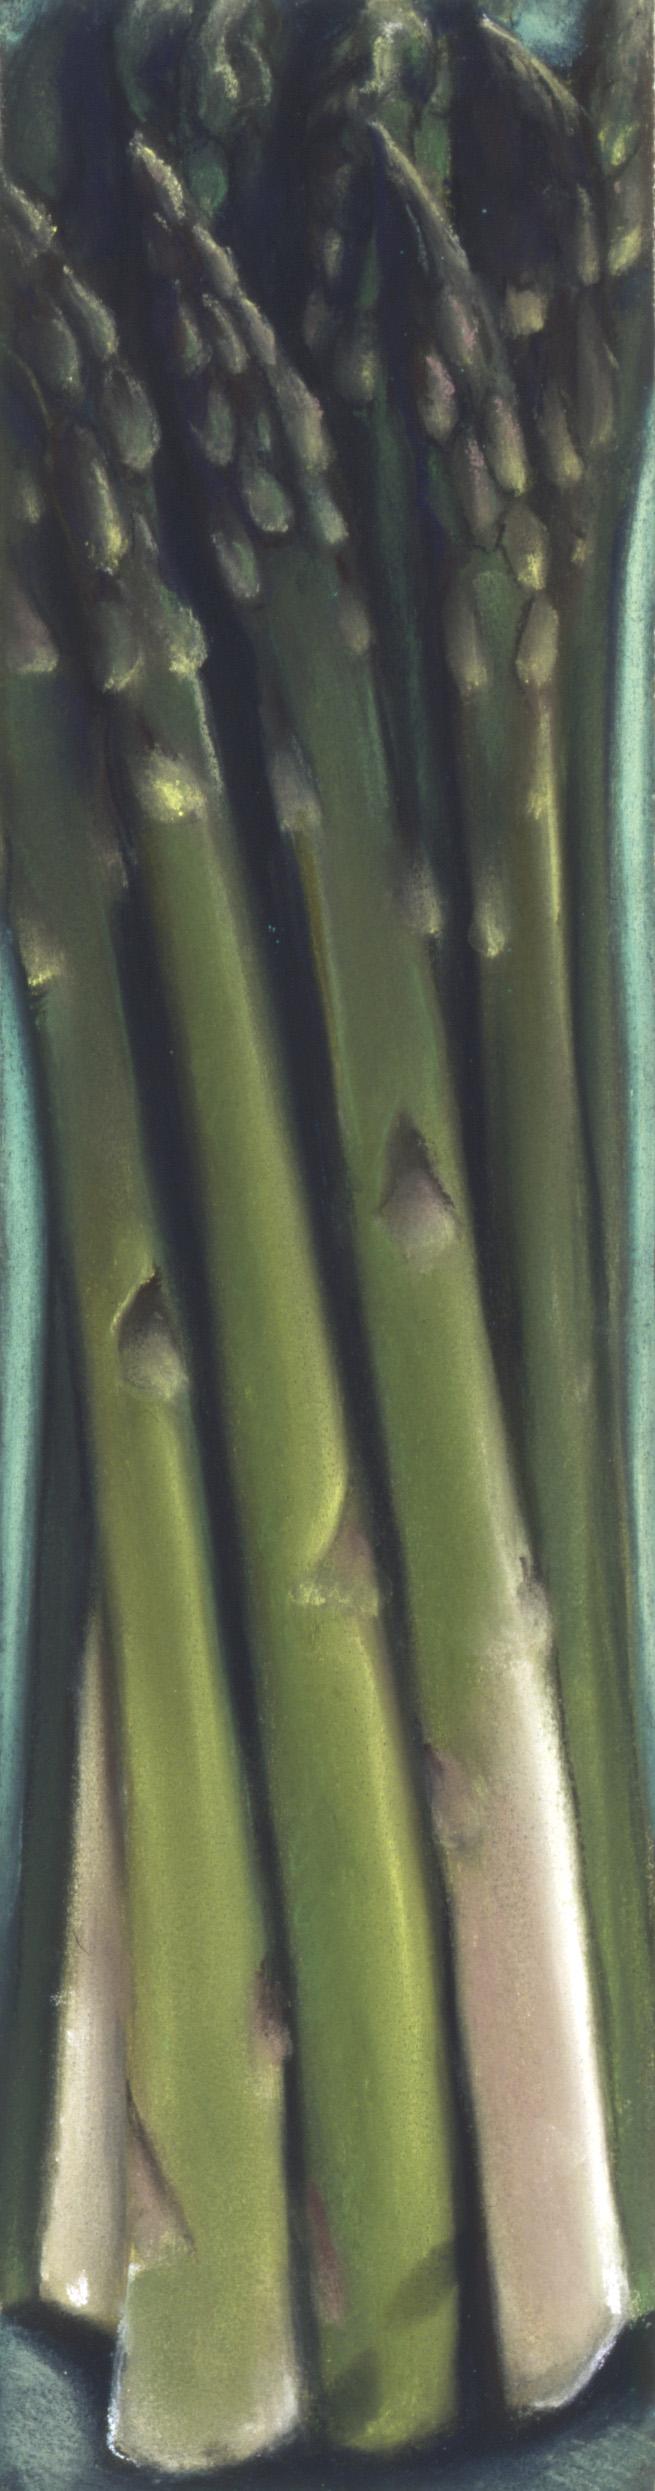 FV-Asparagus 2TP.jpg